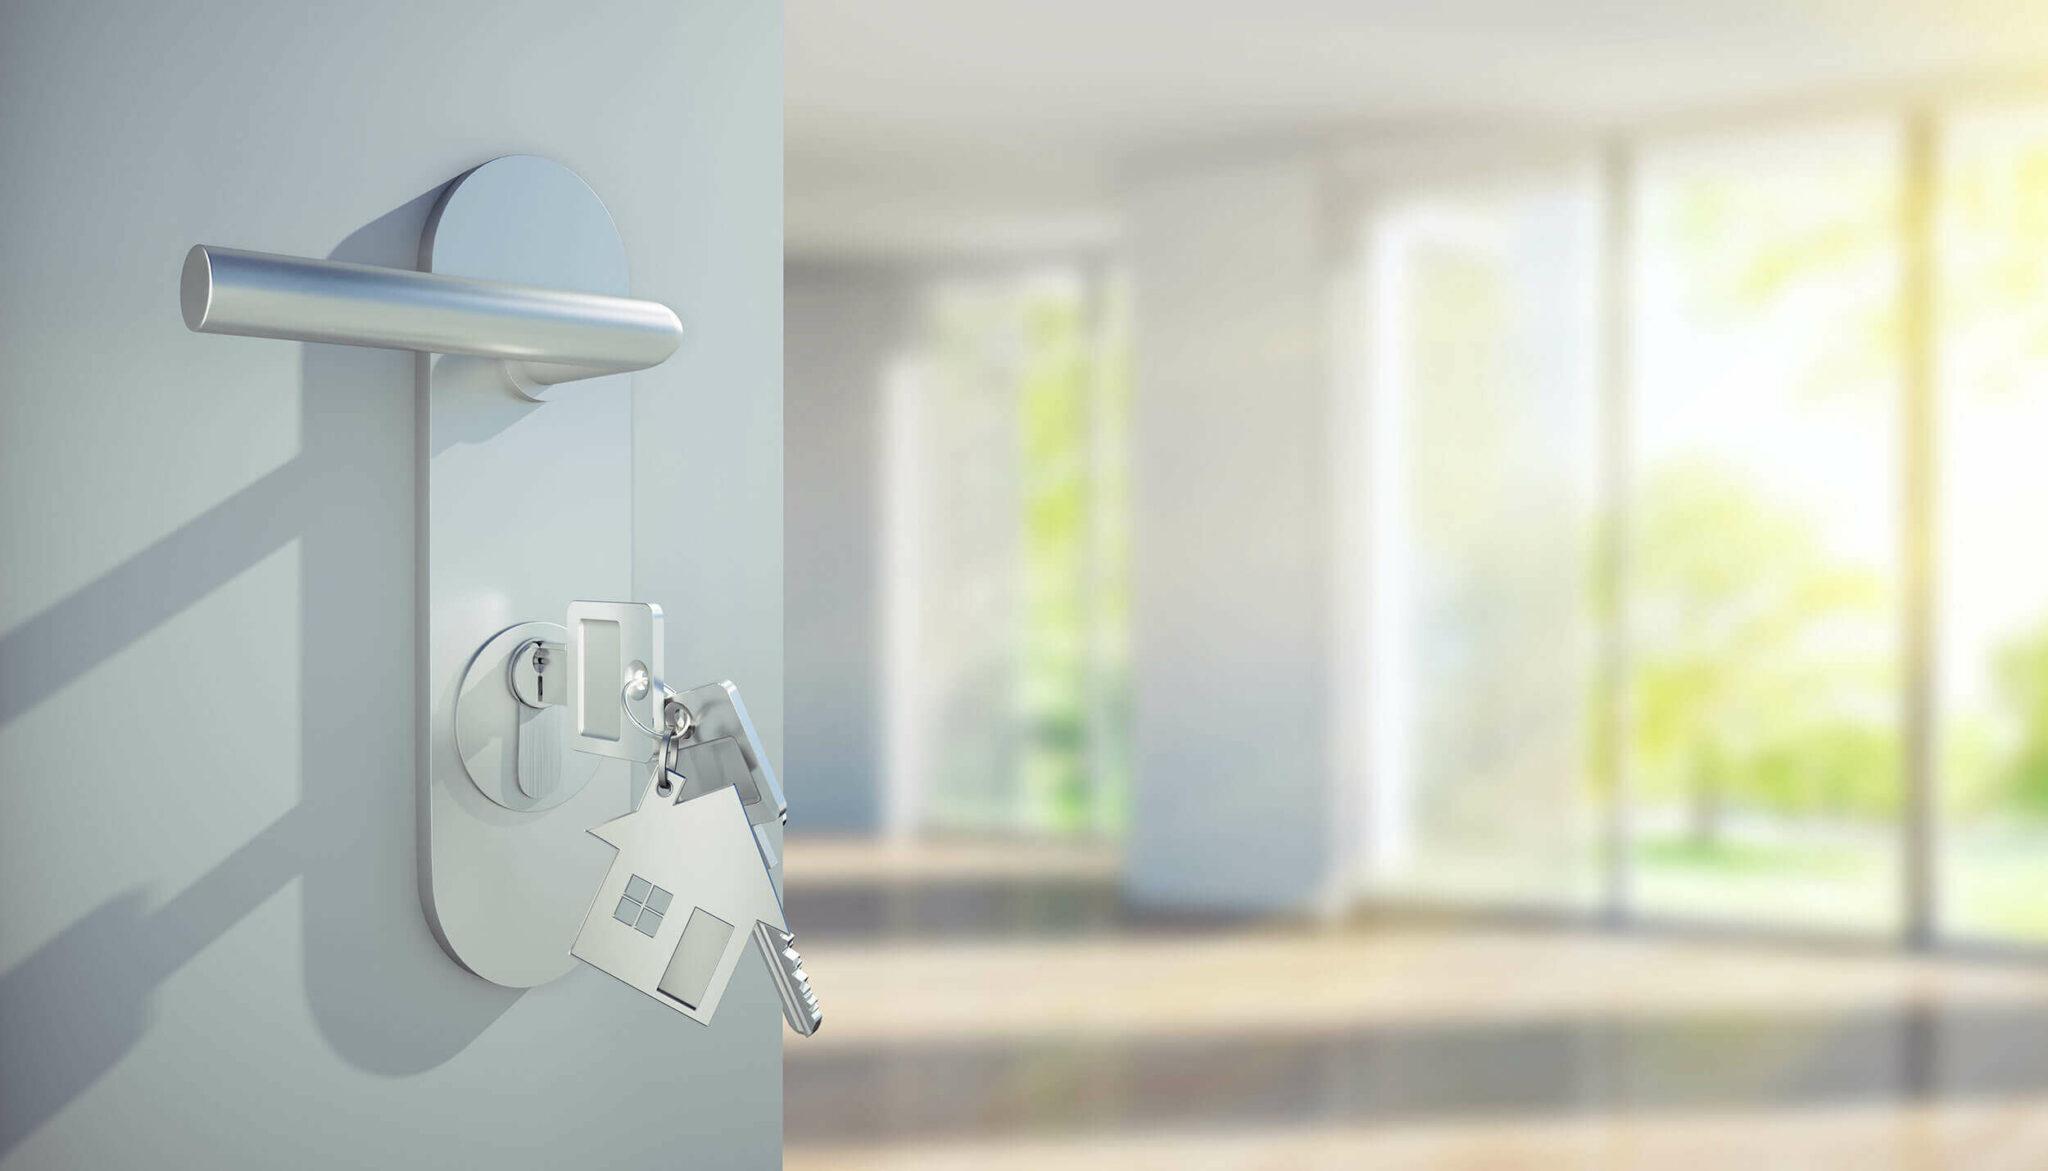 Paul Juul – Schlüssel in Tür – Bild zum Thema Vermietung und Verkauf von Immobilien